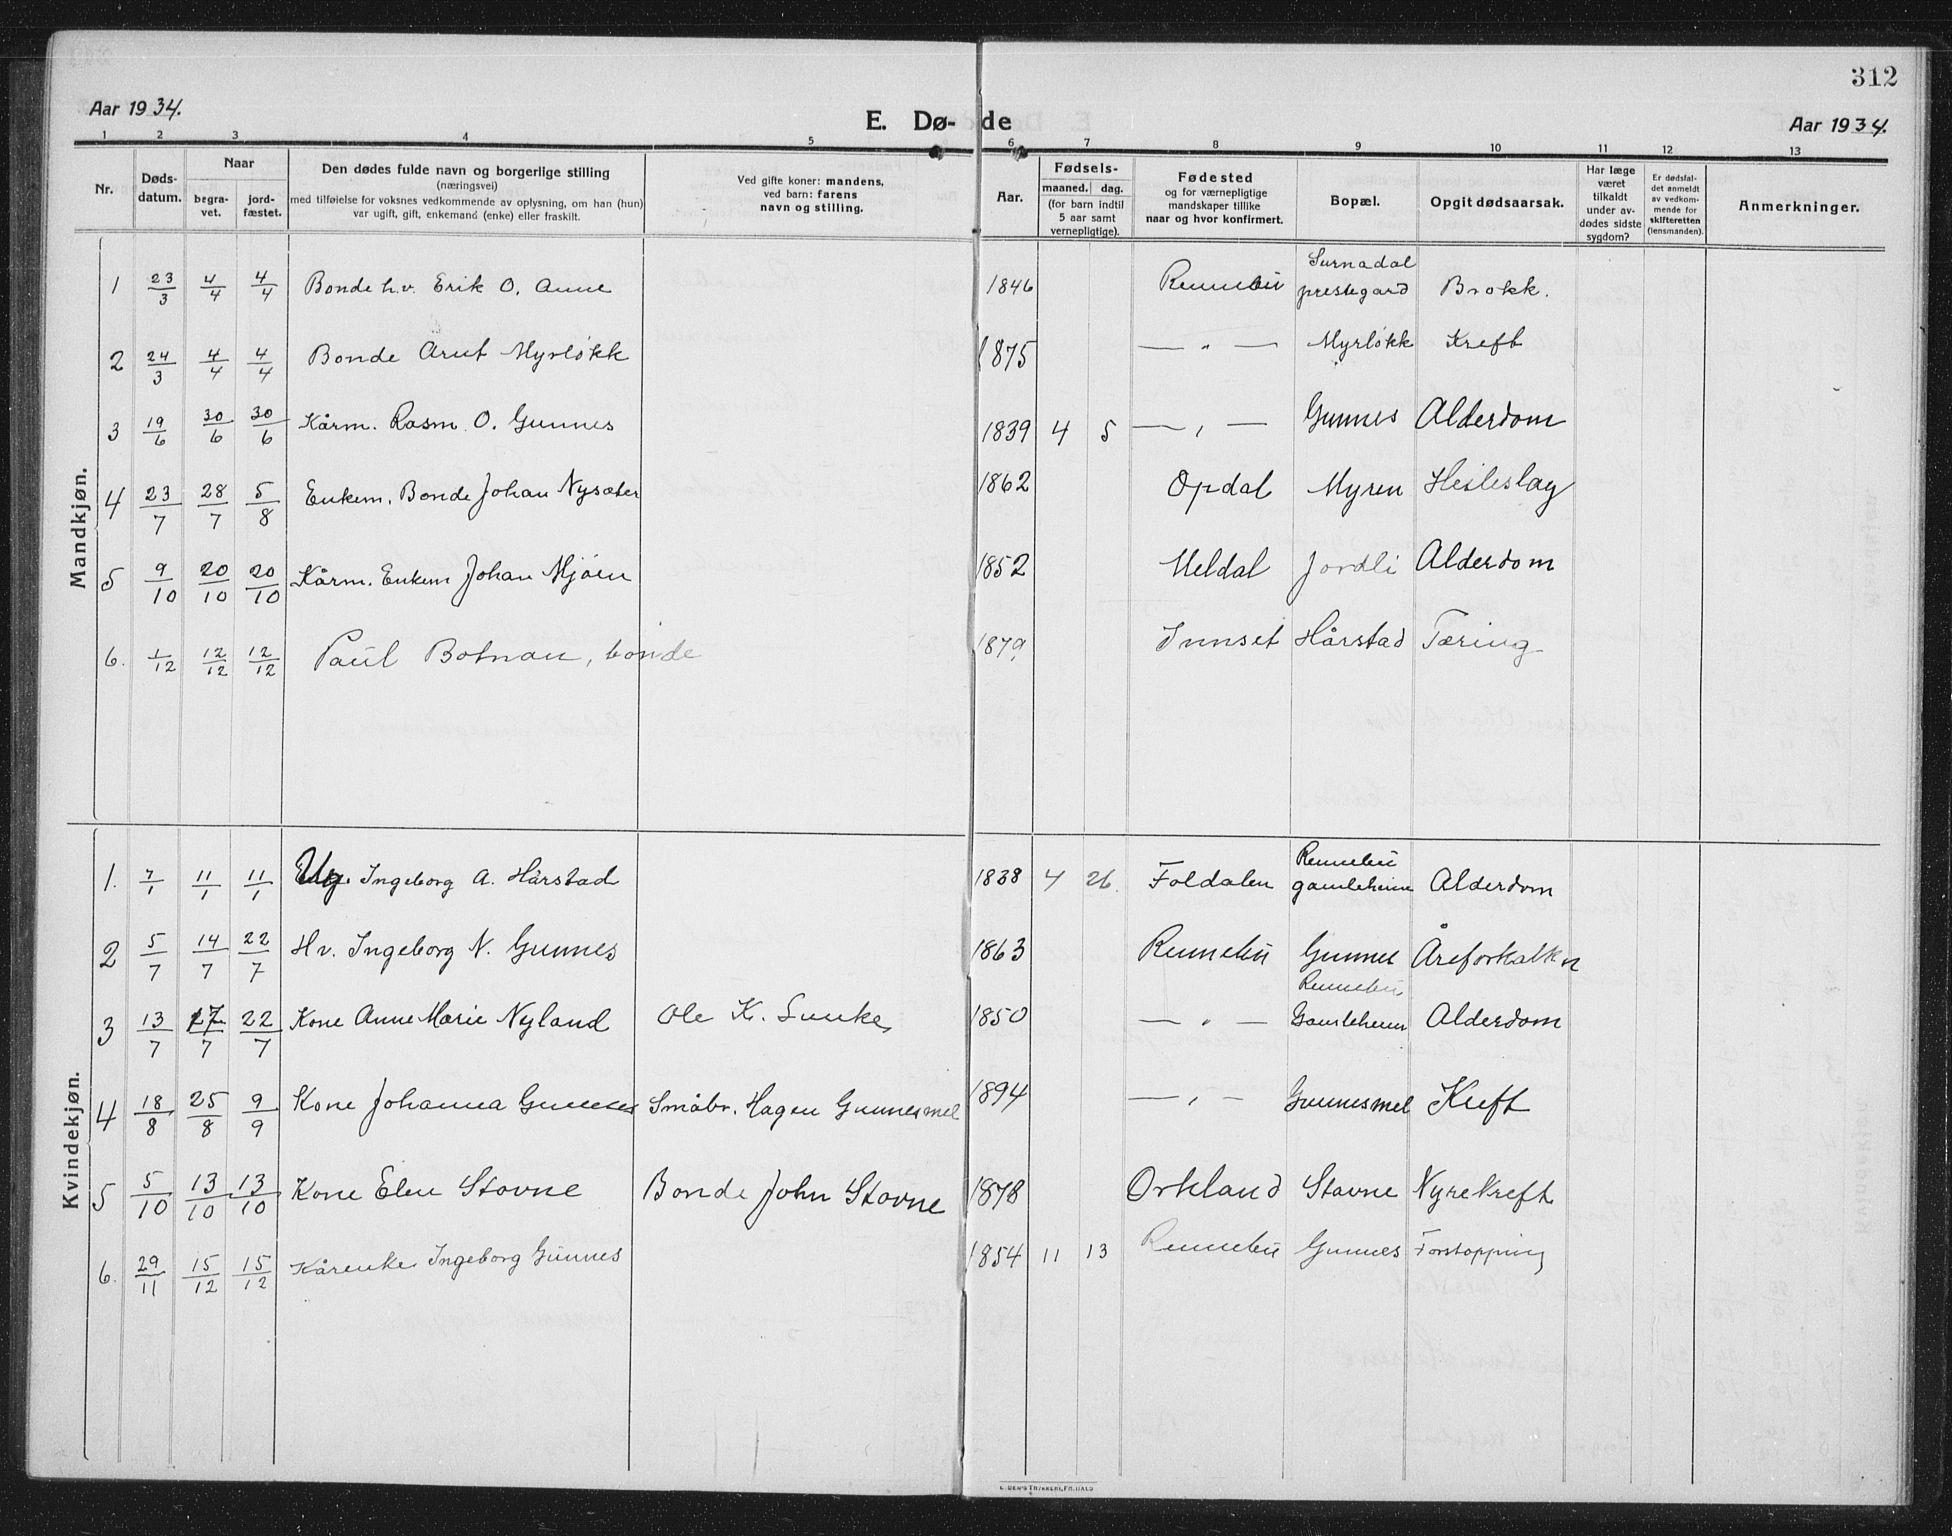 SAT, Ministerialprotokoller, klokkerbøker og fødselsregistre - Sør-Trøndelag, 674/L0877: Klokkerbok nr. 674C04, 1913-1940, s. 312